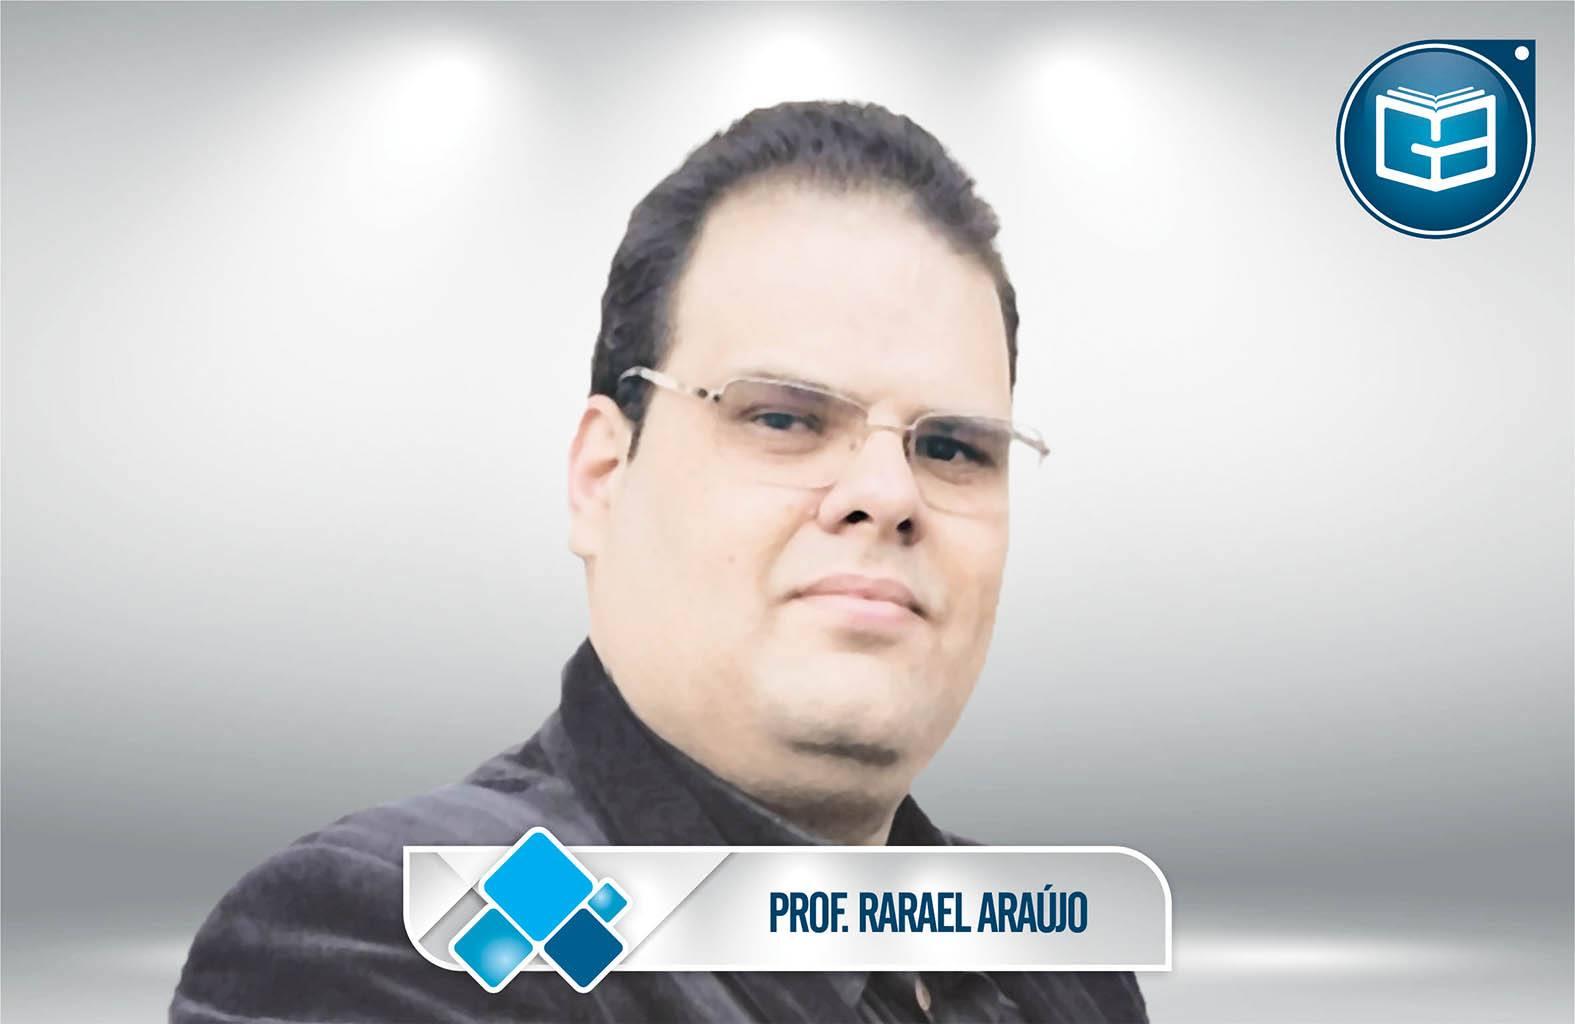 Curso de Informática - PM/CE